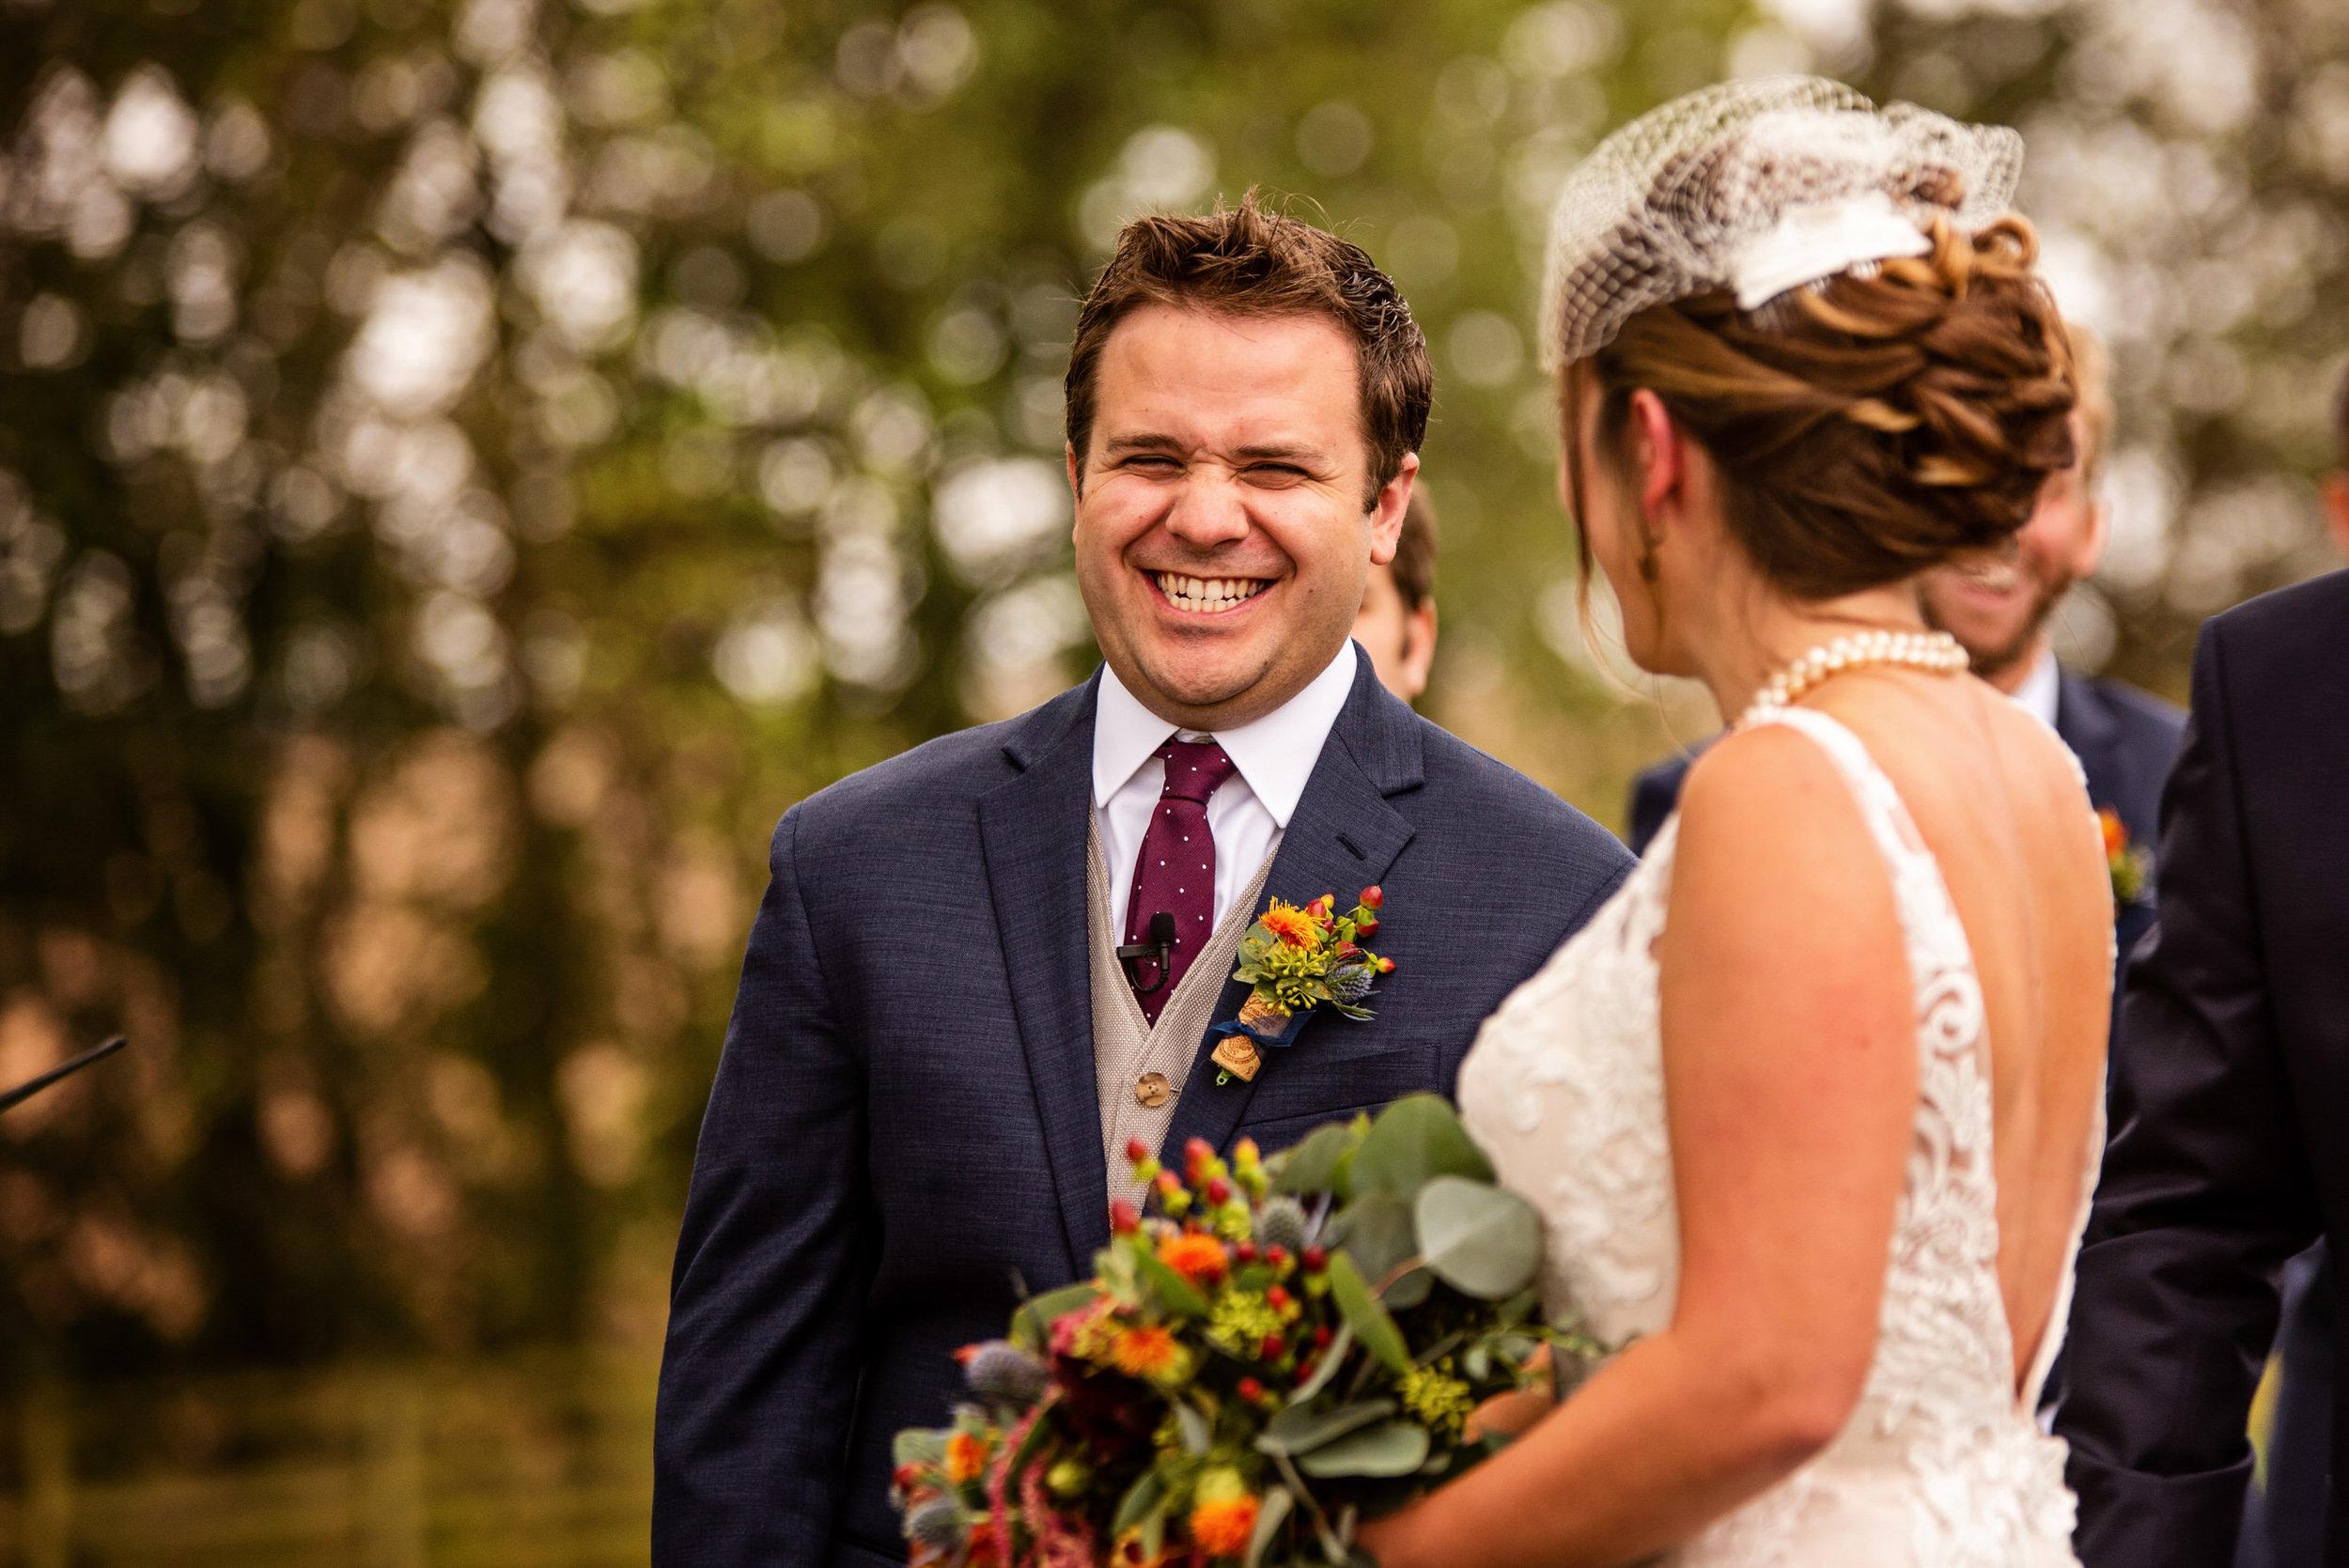 WalkersOverlookWedding-Angela&Ben-Ceremony-14.jpg